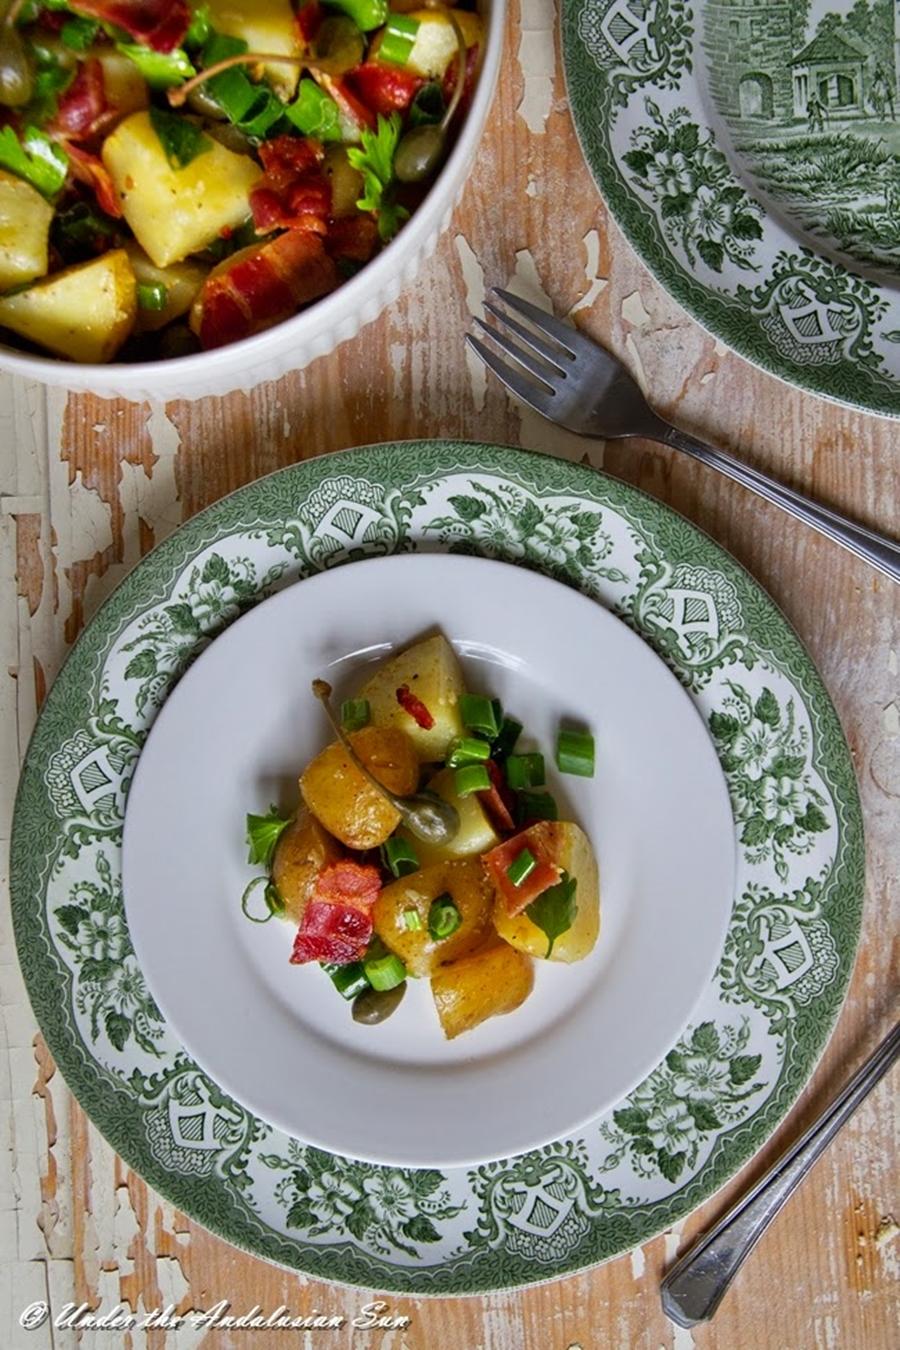 Andalusian auringossa_perunareseptejä ympäri maailman_saksalainen perunasalaatti_gluteeniton